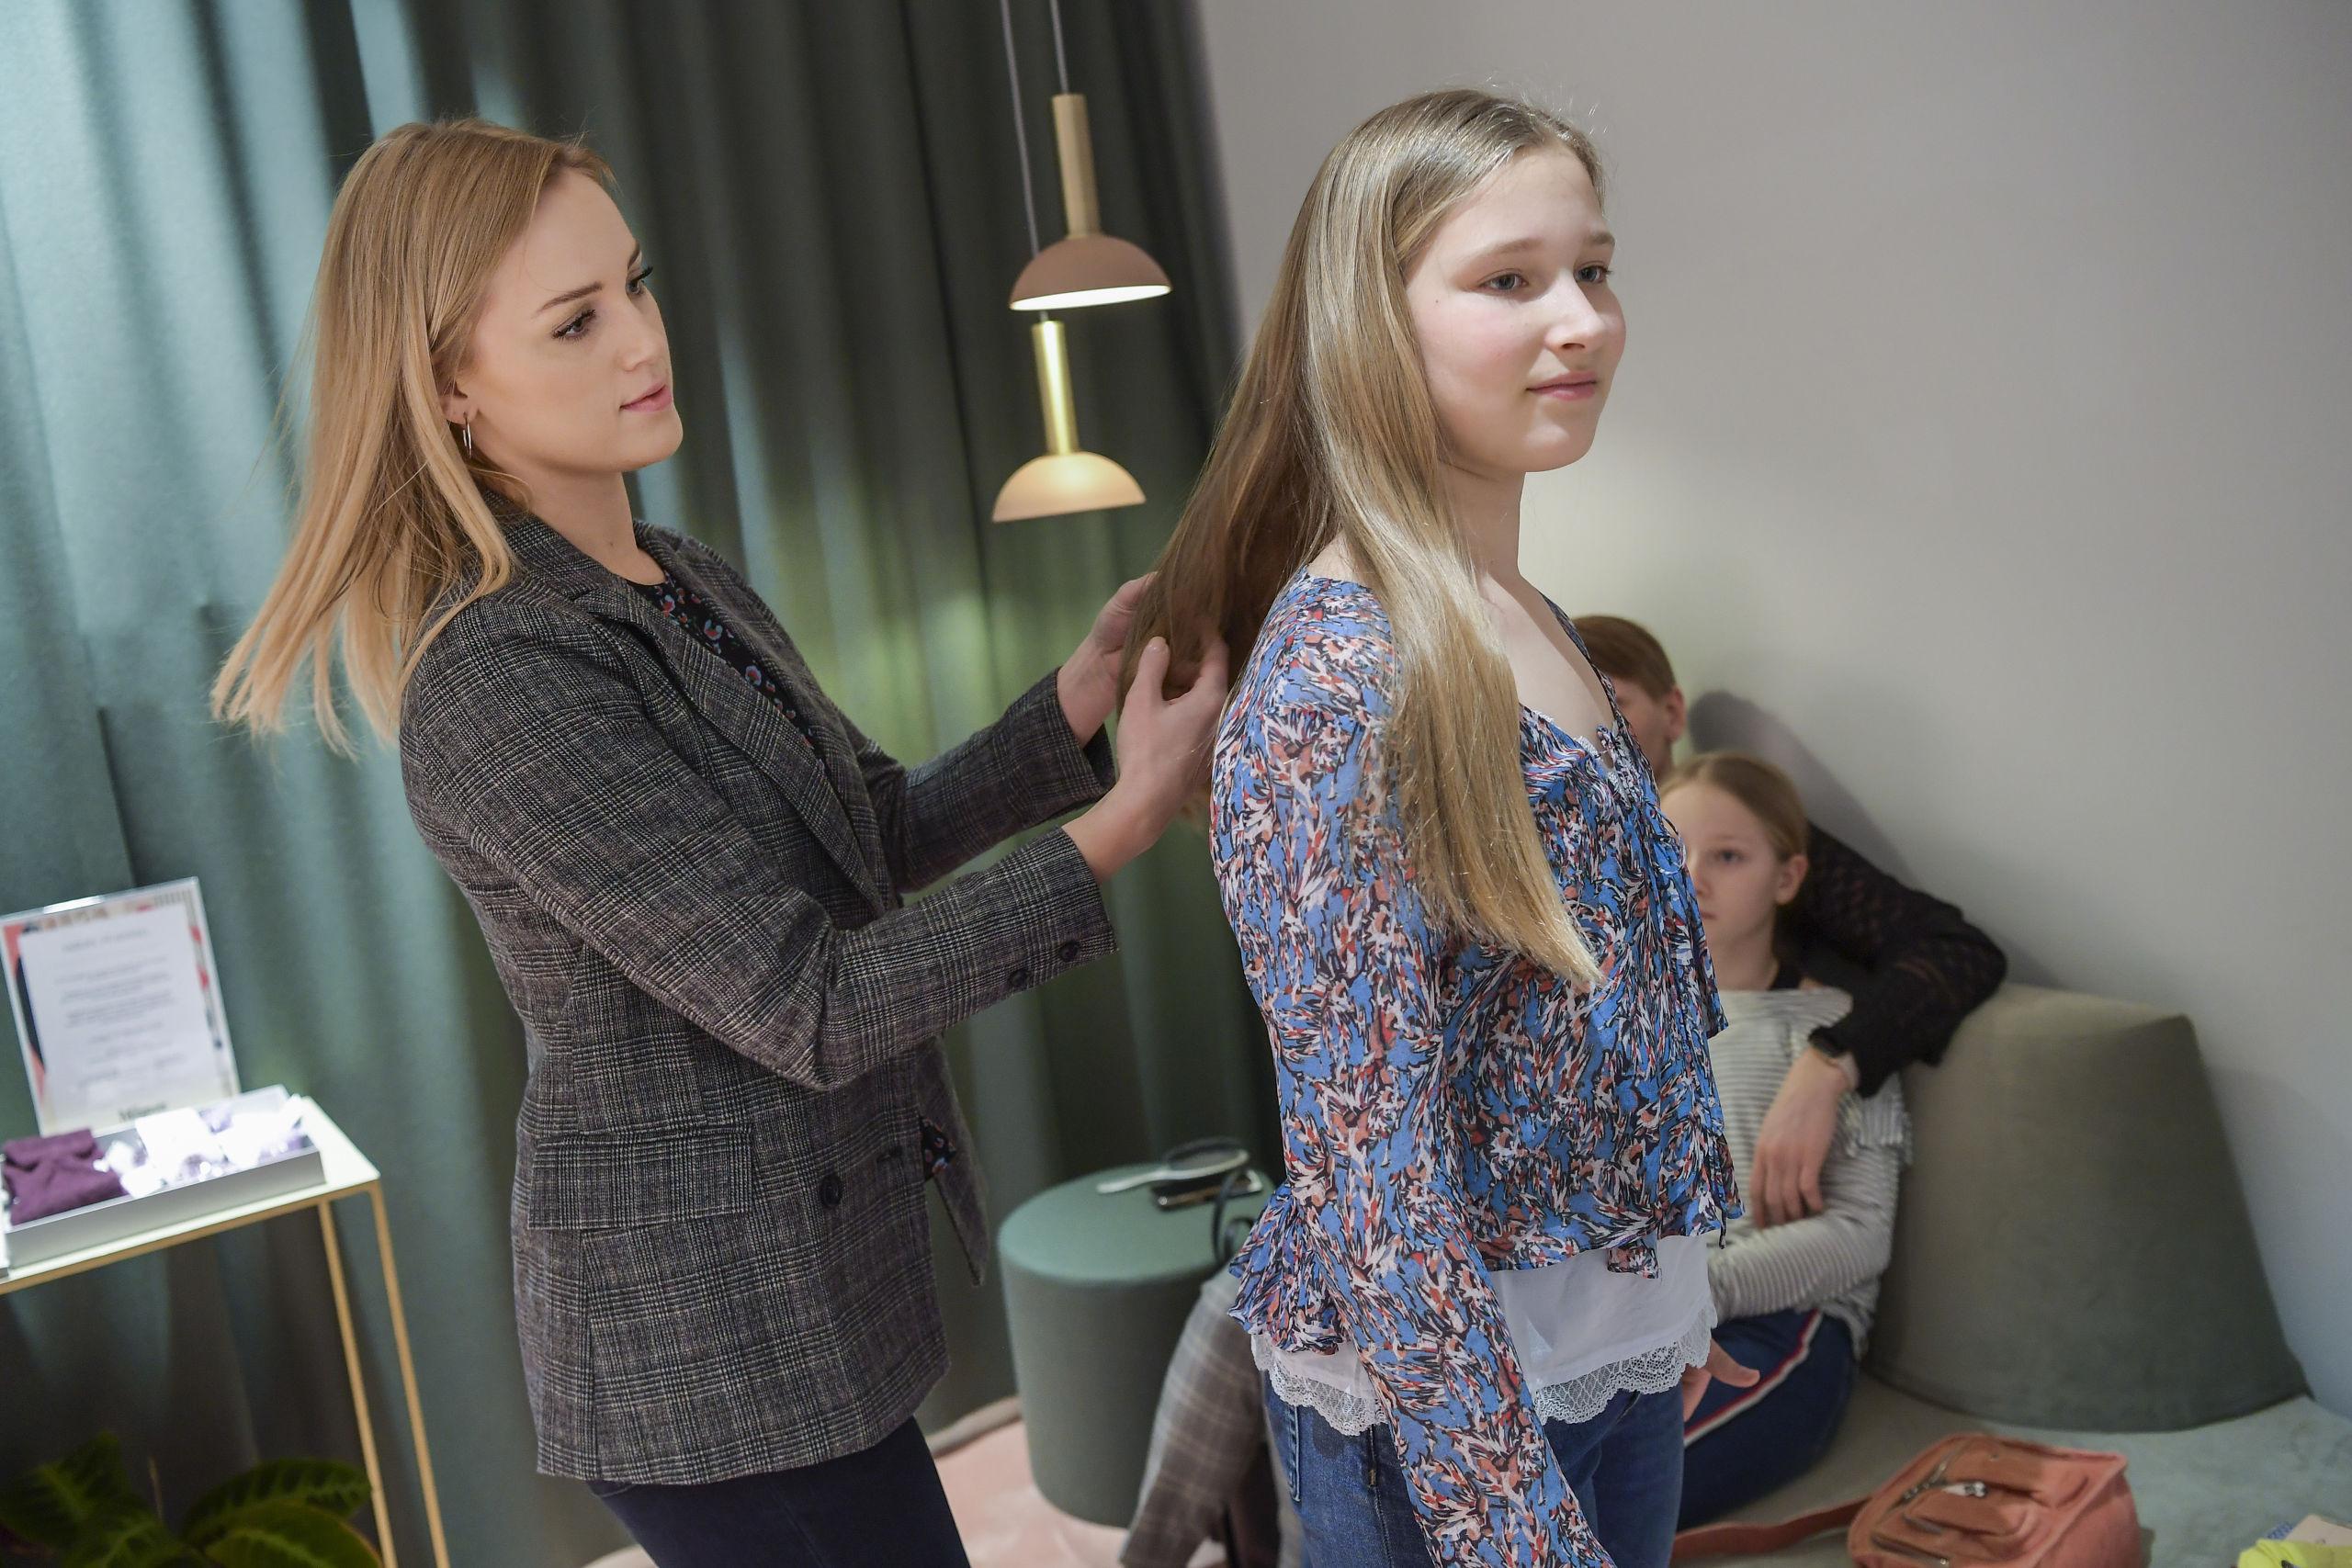 Magasins Personal Shopper, Line Gundersen, hjælper Sidsel Lindrup Kühn fra Hjørring med at finde hendes helt personlige udtryk. Foto: Michael Koch